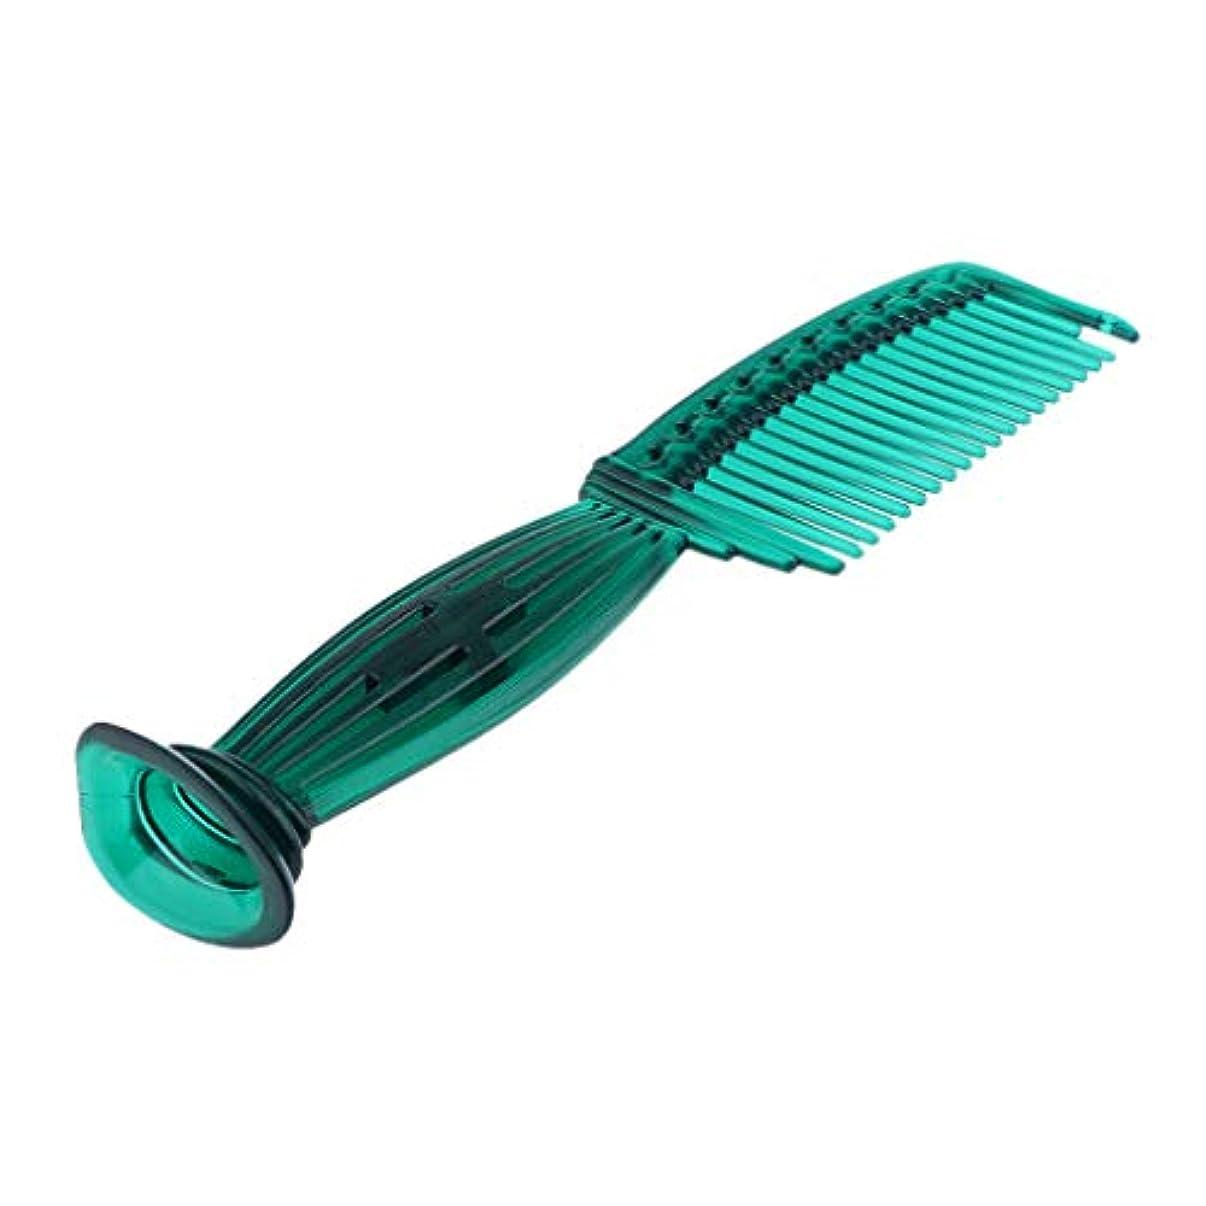 資格情報つなぐ語B Baosity ヘアコーム ヘアブラシ ラウンドチップ ワイドスペースの歯 頭皮保護 櫛 5色選べ - 緑